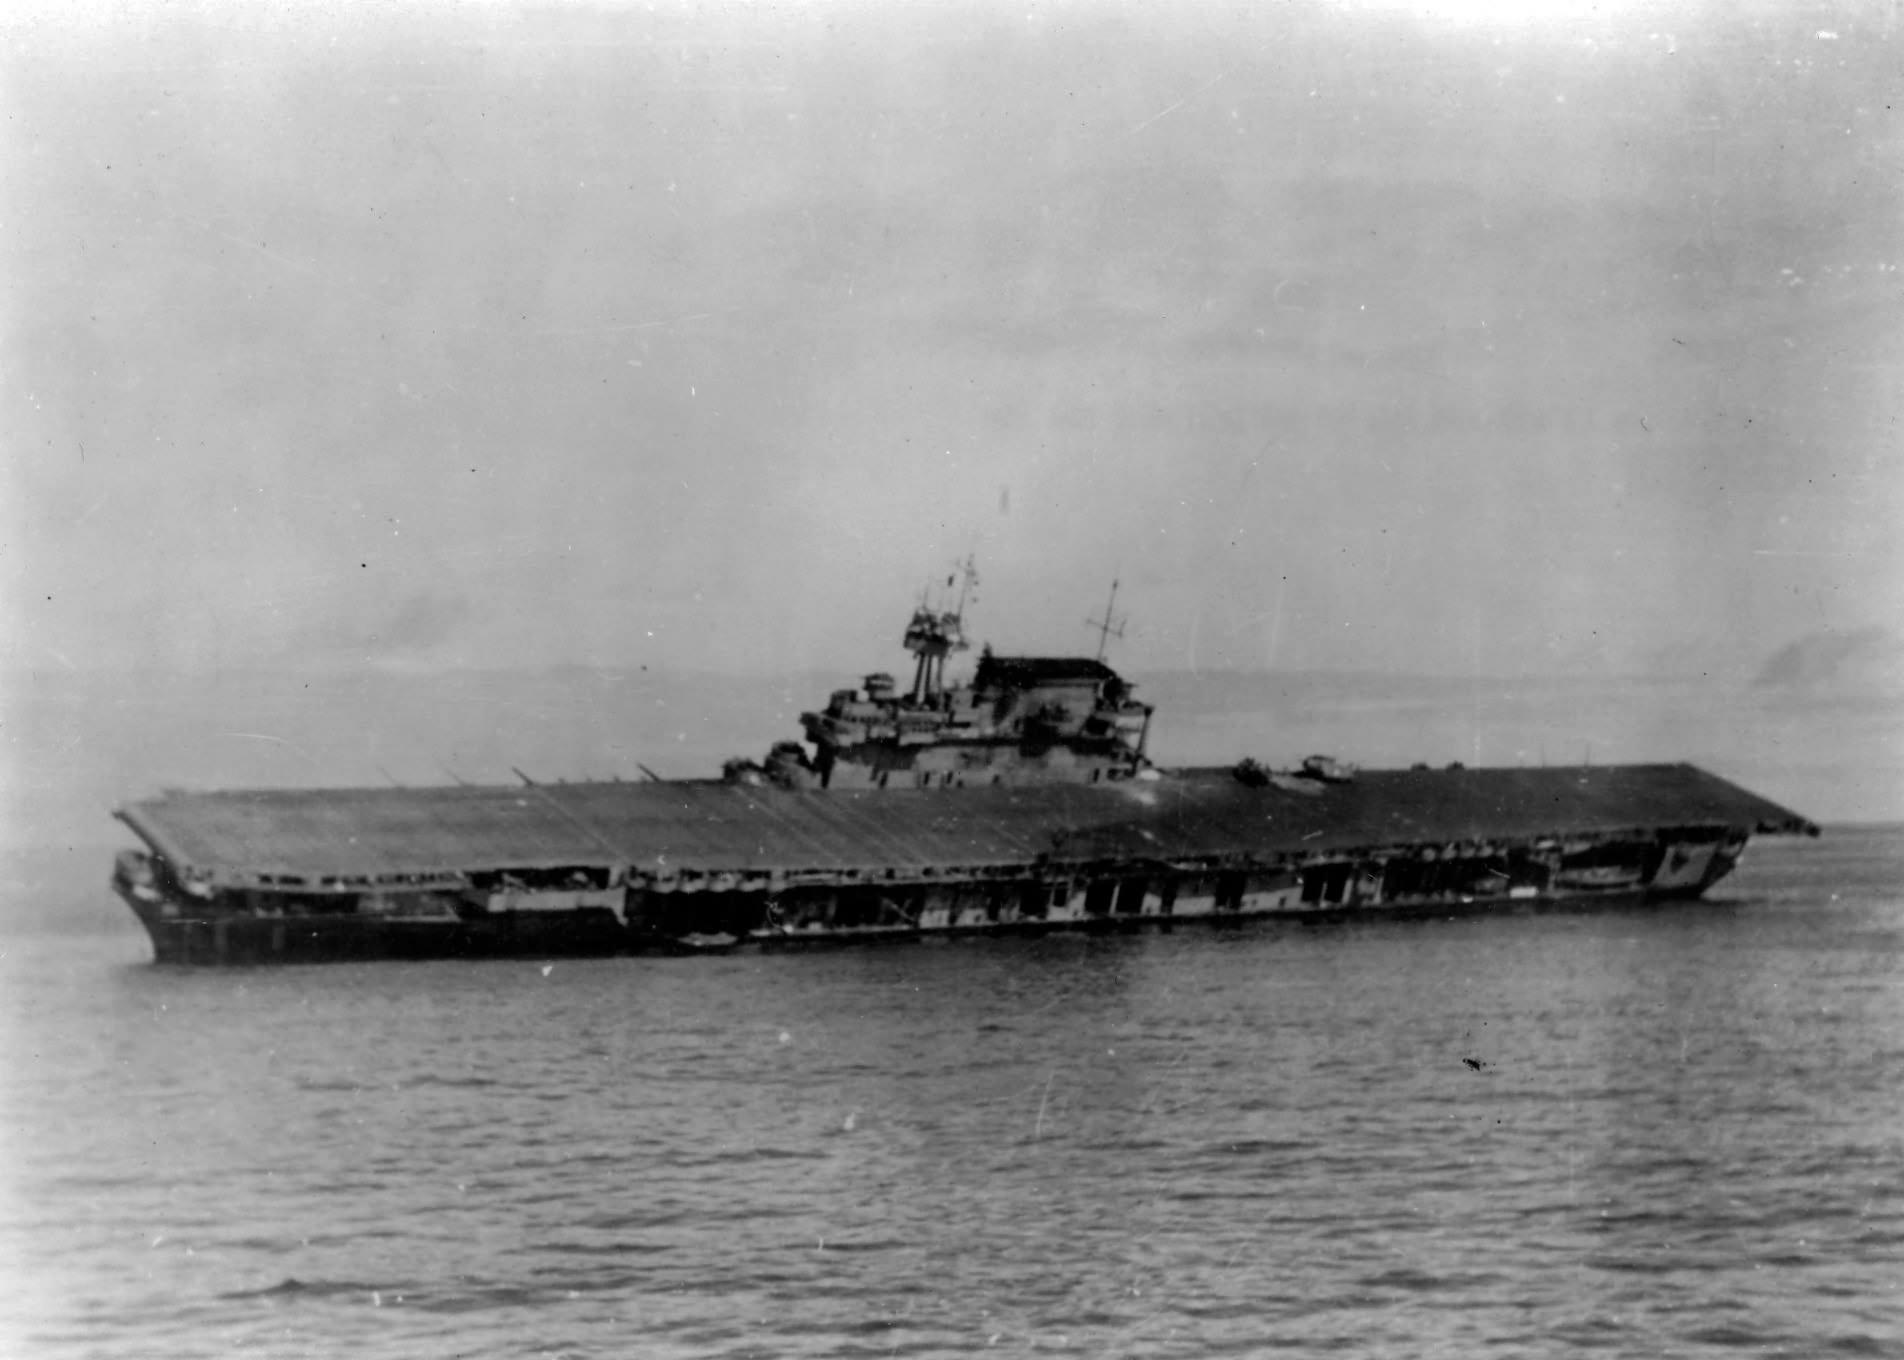 USS Yorktown 6 June 1942